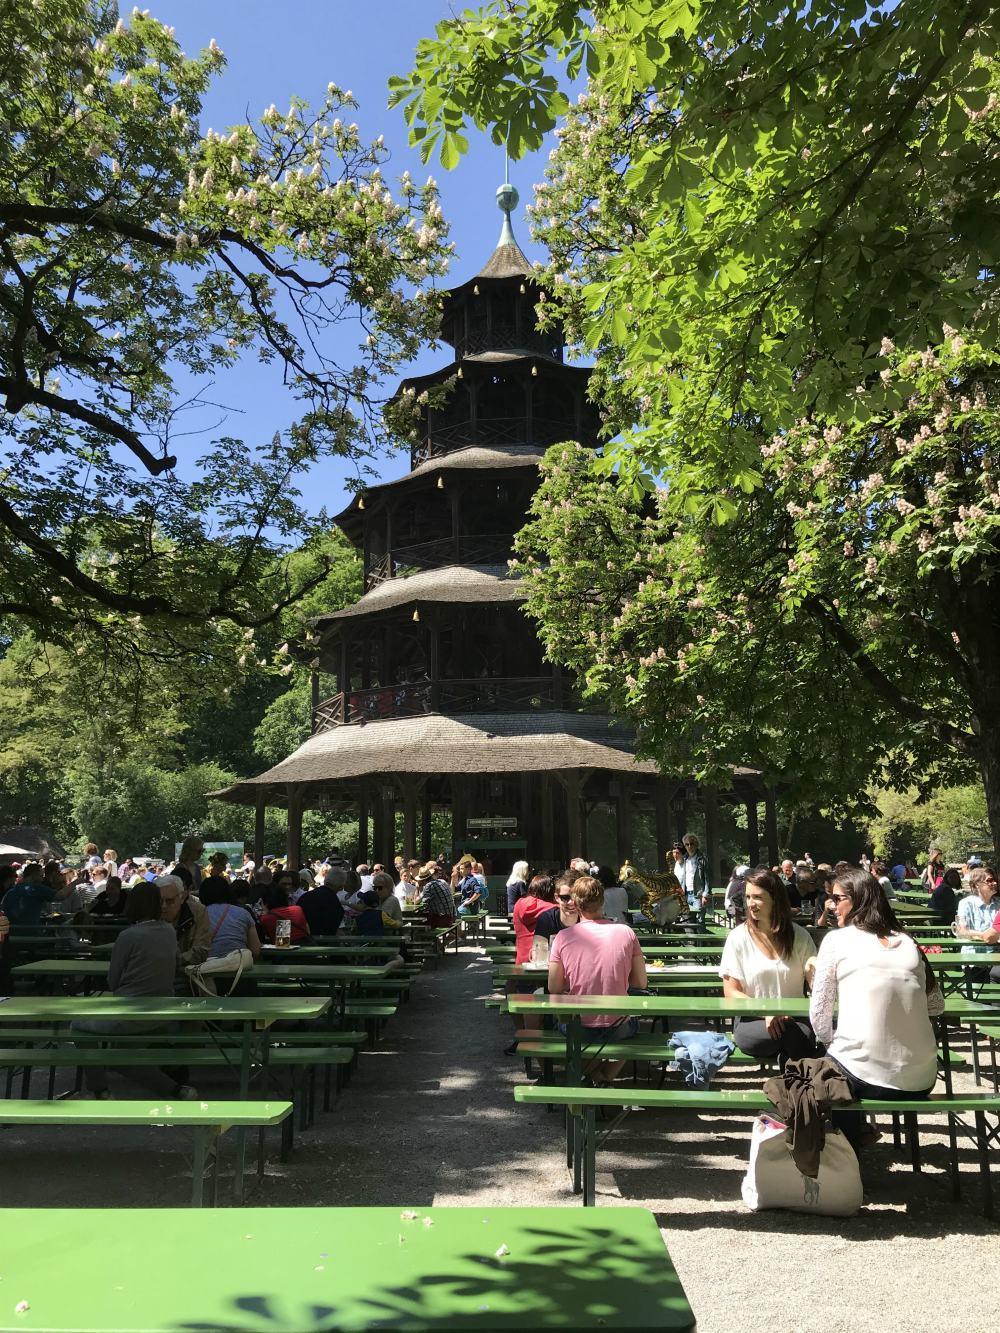 Chinese Pagoda in Englischer Garten Munich Photo Heatheronhertravels.com